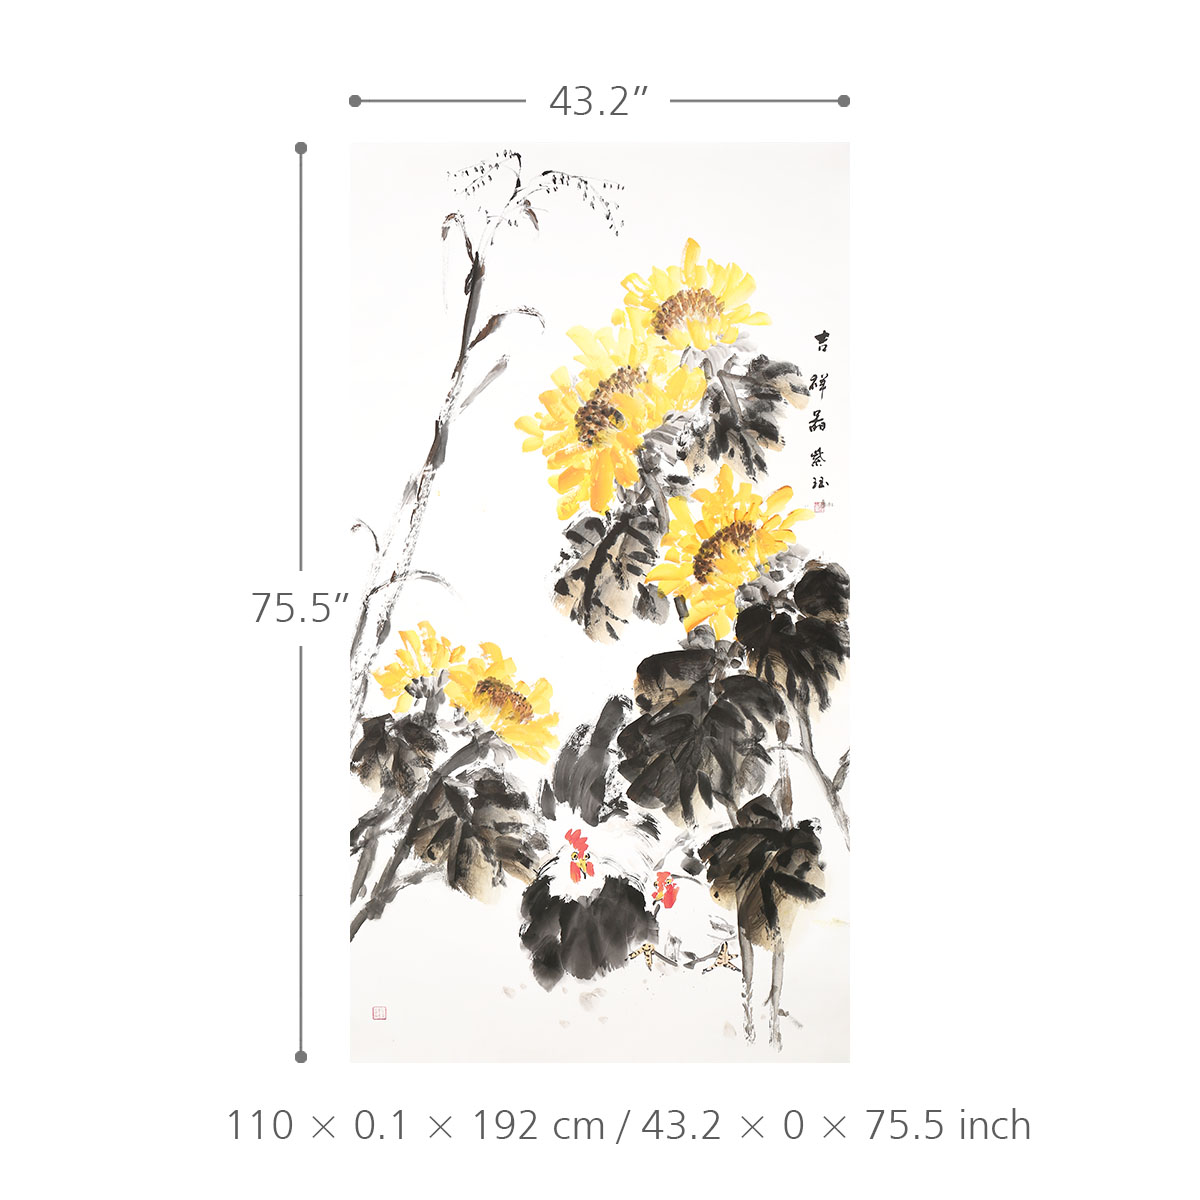 Pintura De Tinta China De Pollo Y Crisantemo 100 Ilustraciones Hechas A Mano Originales Arte De La Pared Para La Oficina Decoración Para El Hogar Colgante